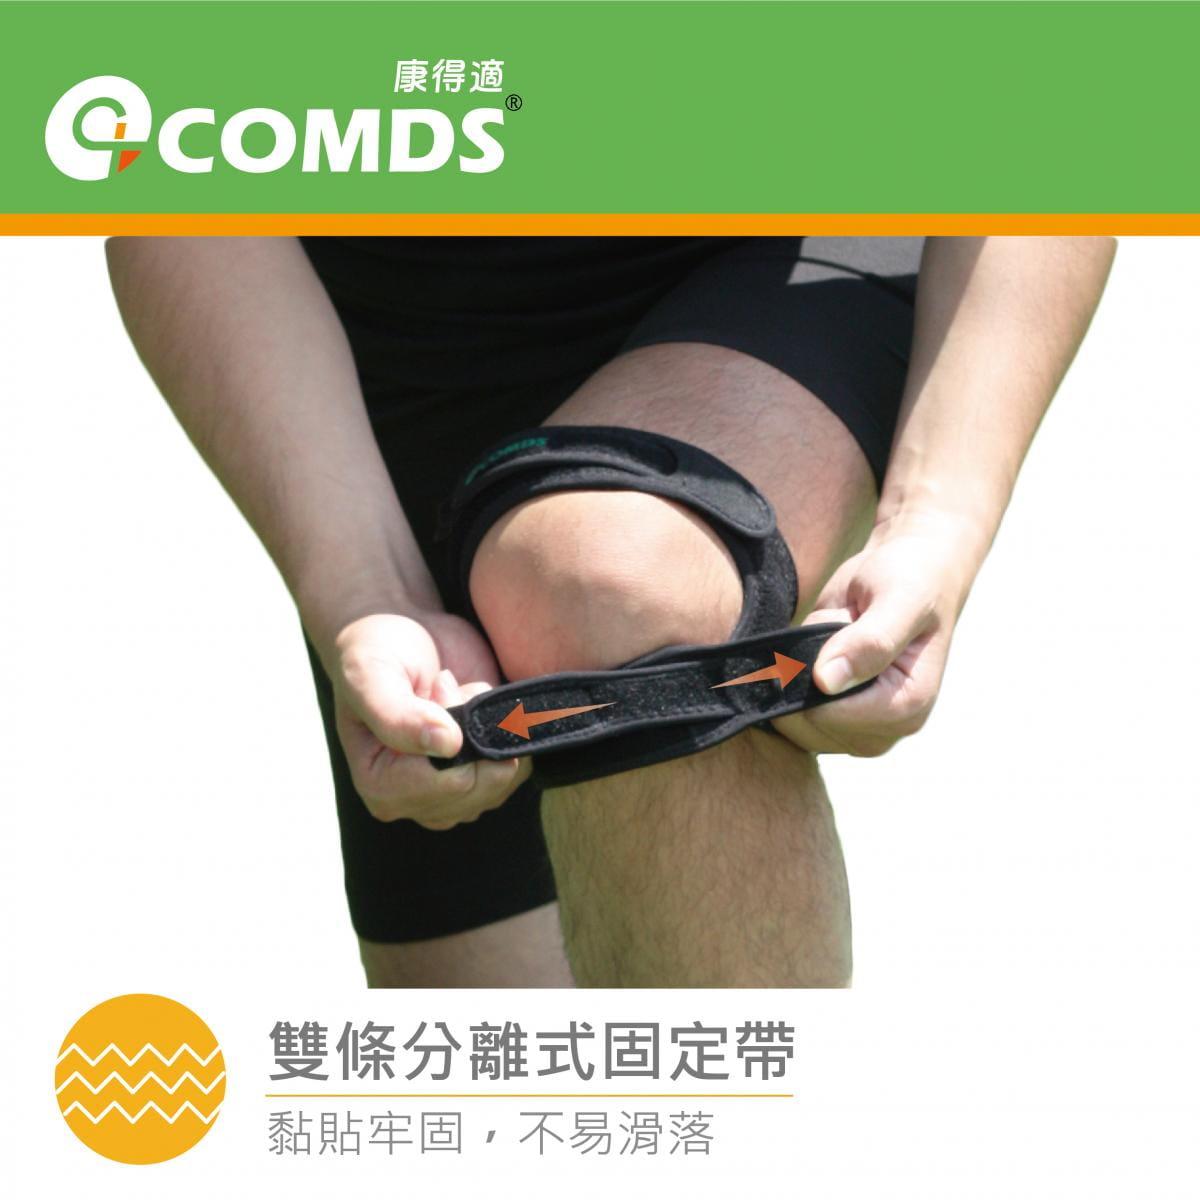 【康得適】VU-02 雙帶型護膝 MIT微笑標章認證 4